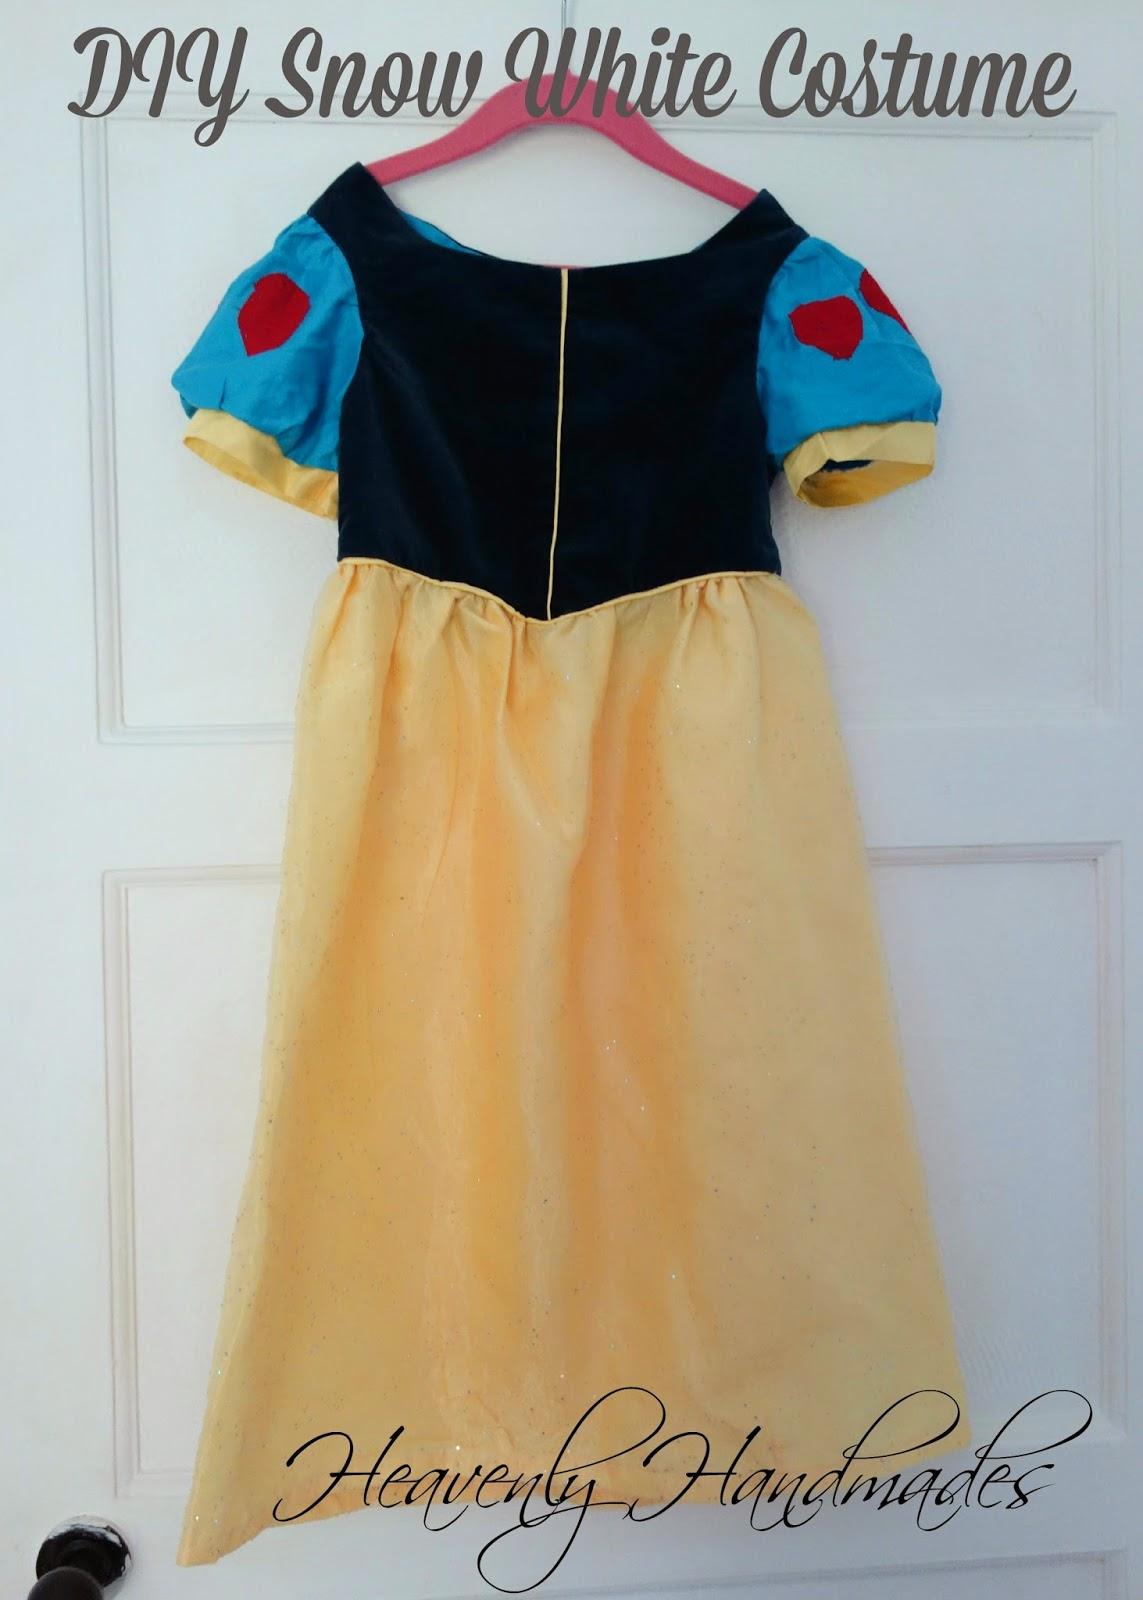 DIY Snow White Costume   DIY Snow White Costume Ideas For Halloween   snow white costume   snow white costume diy